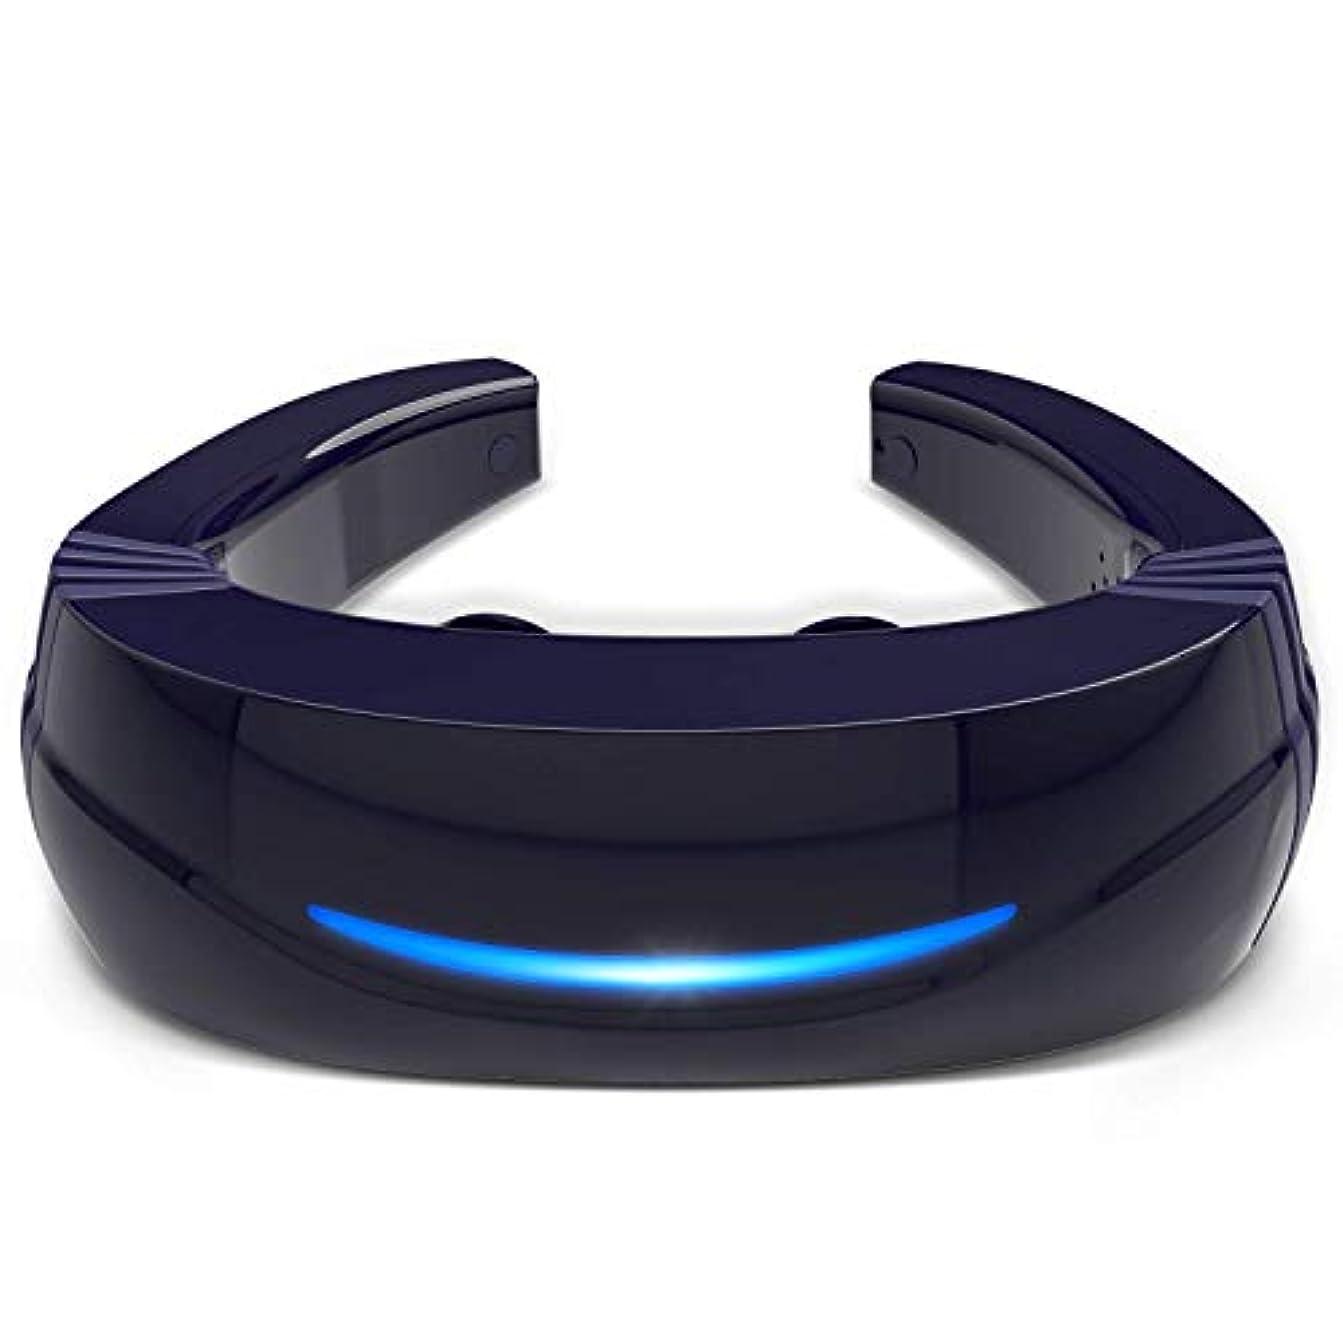 気体の冷凍庫次へHipoo ネックマッサージャー 首マッサージ 低周波 マッサージ器 ストレス解消 USB充電式 日本語説明書 電極パッド2つ付き 音声式